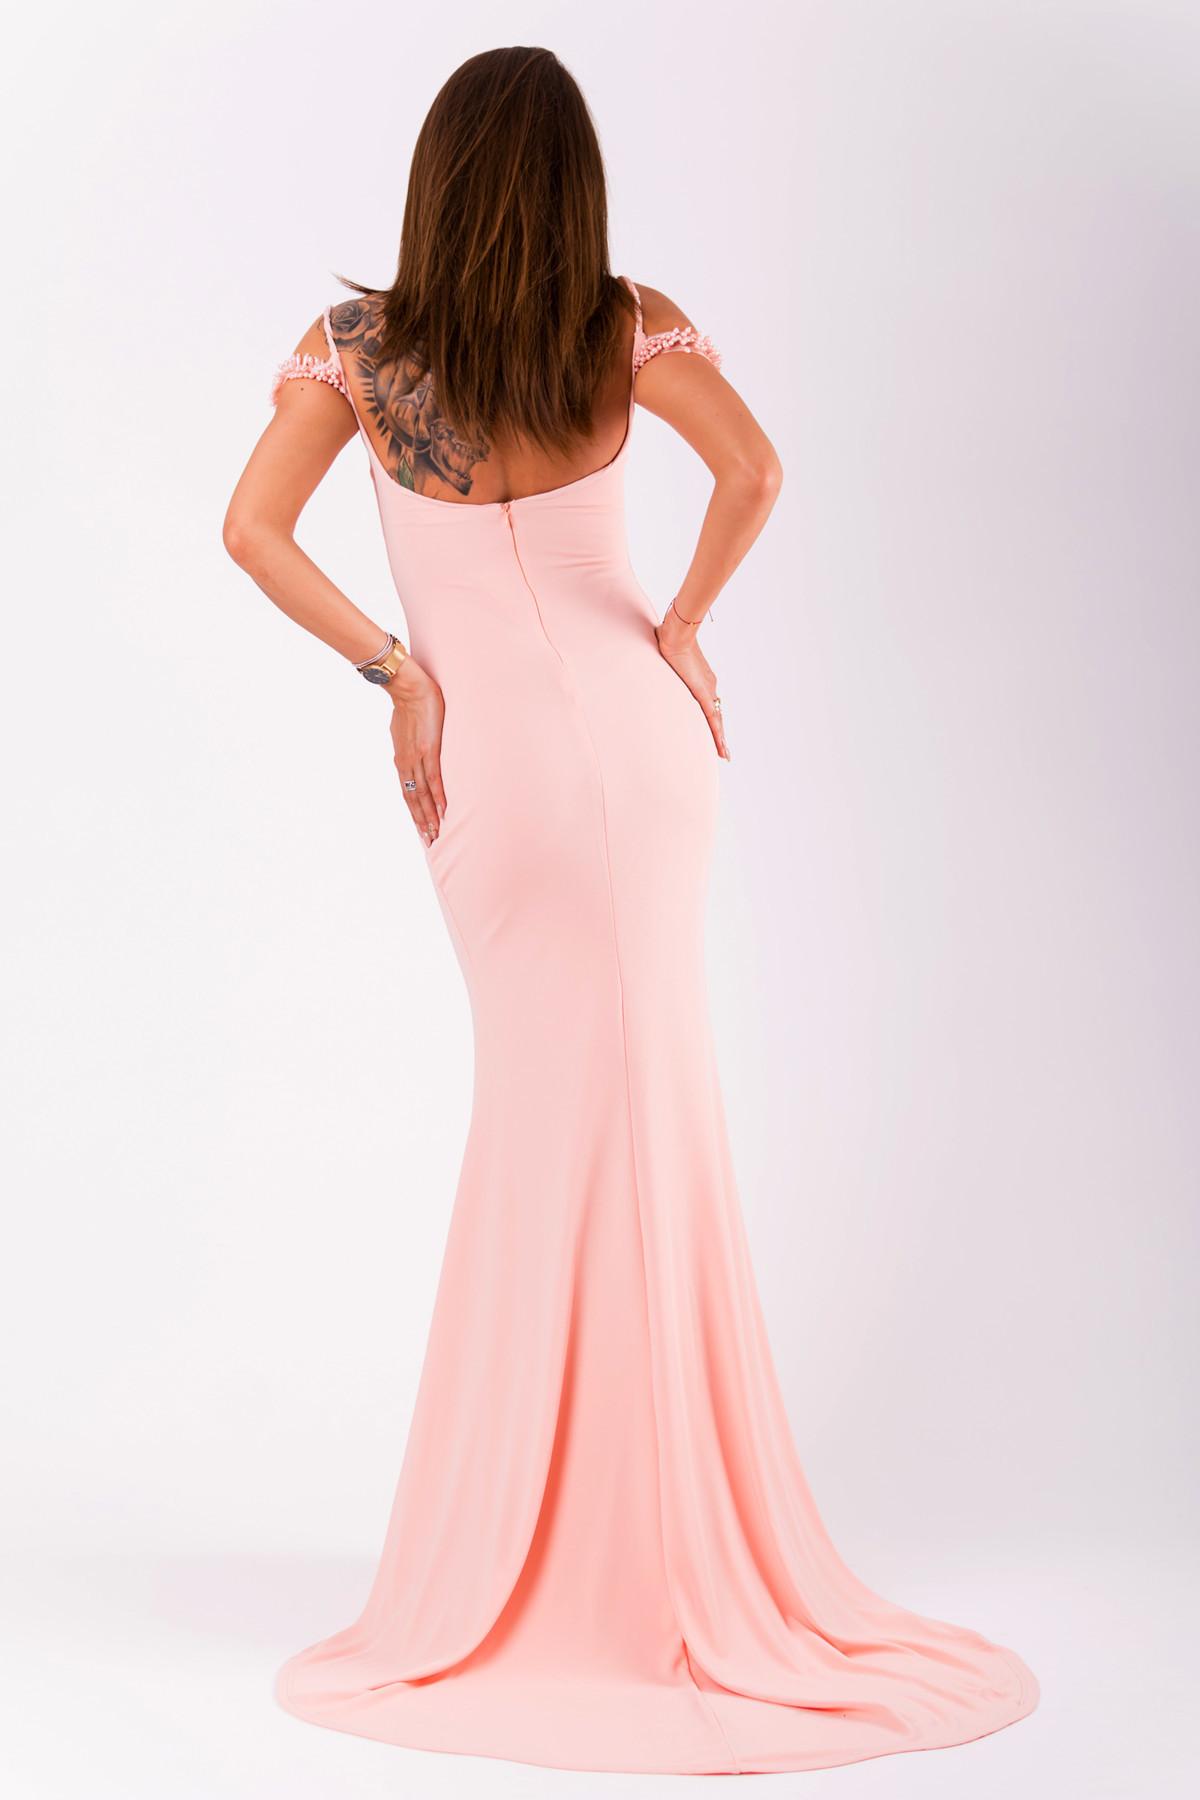 Dámske šaty EVA & LOLA ružové na ramienka dlhé s vlečkou - Ružová / S - EVA & LOLA ružová S